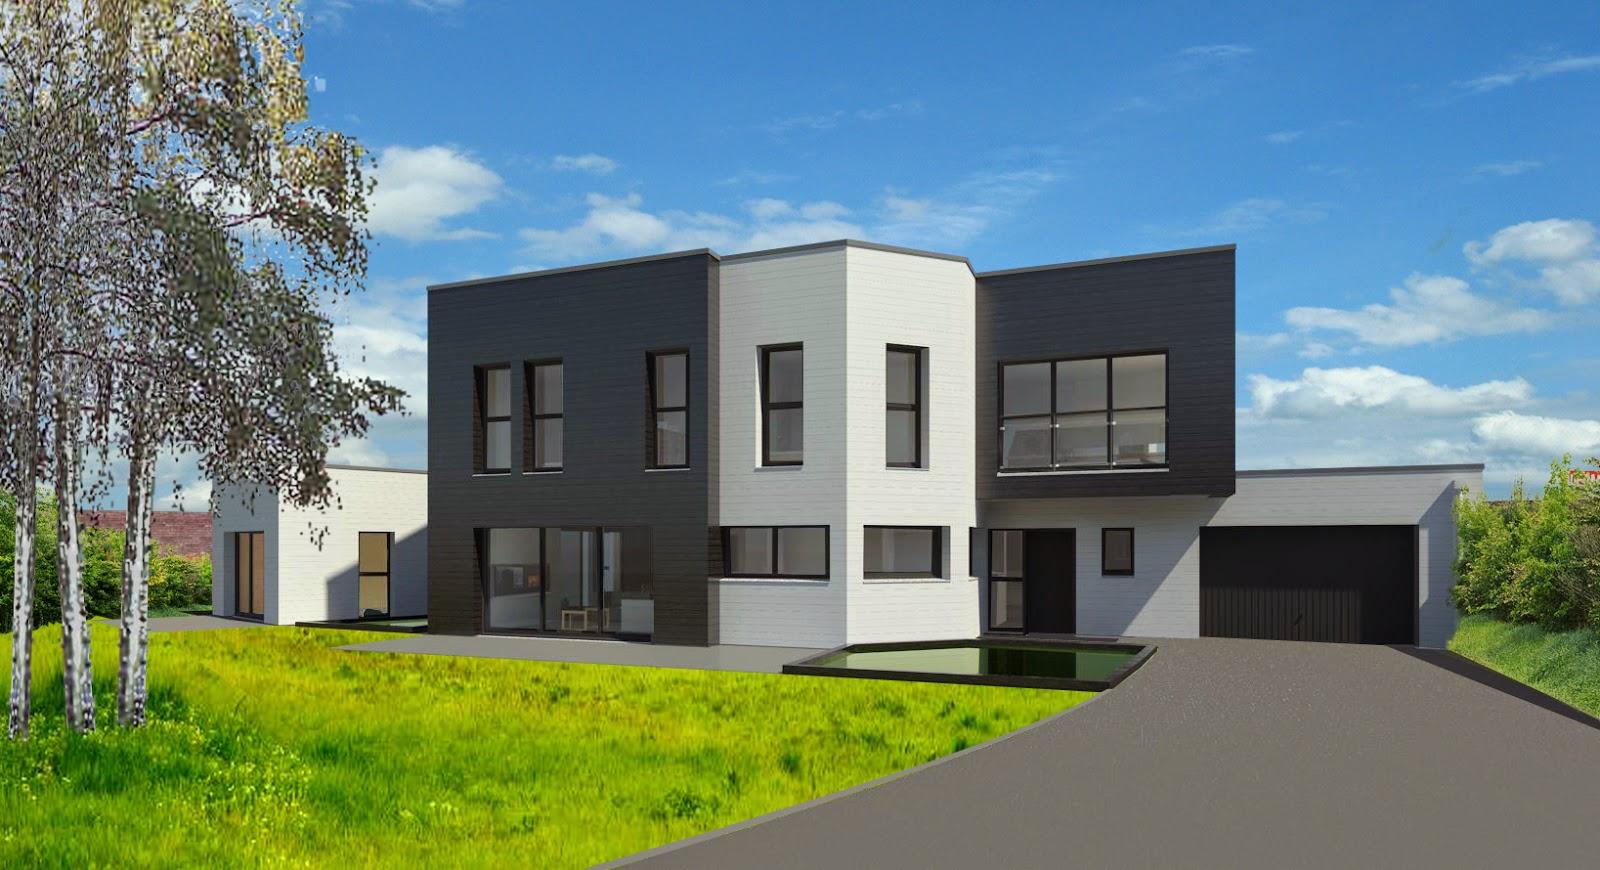 jacques lenain architecte lille construction d 39 une maison a ossature bois bbc a carnin. Black Bedroom Furniture Sets. Home Design Ideas